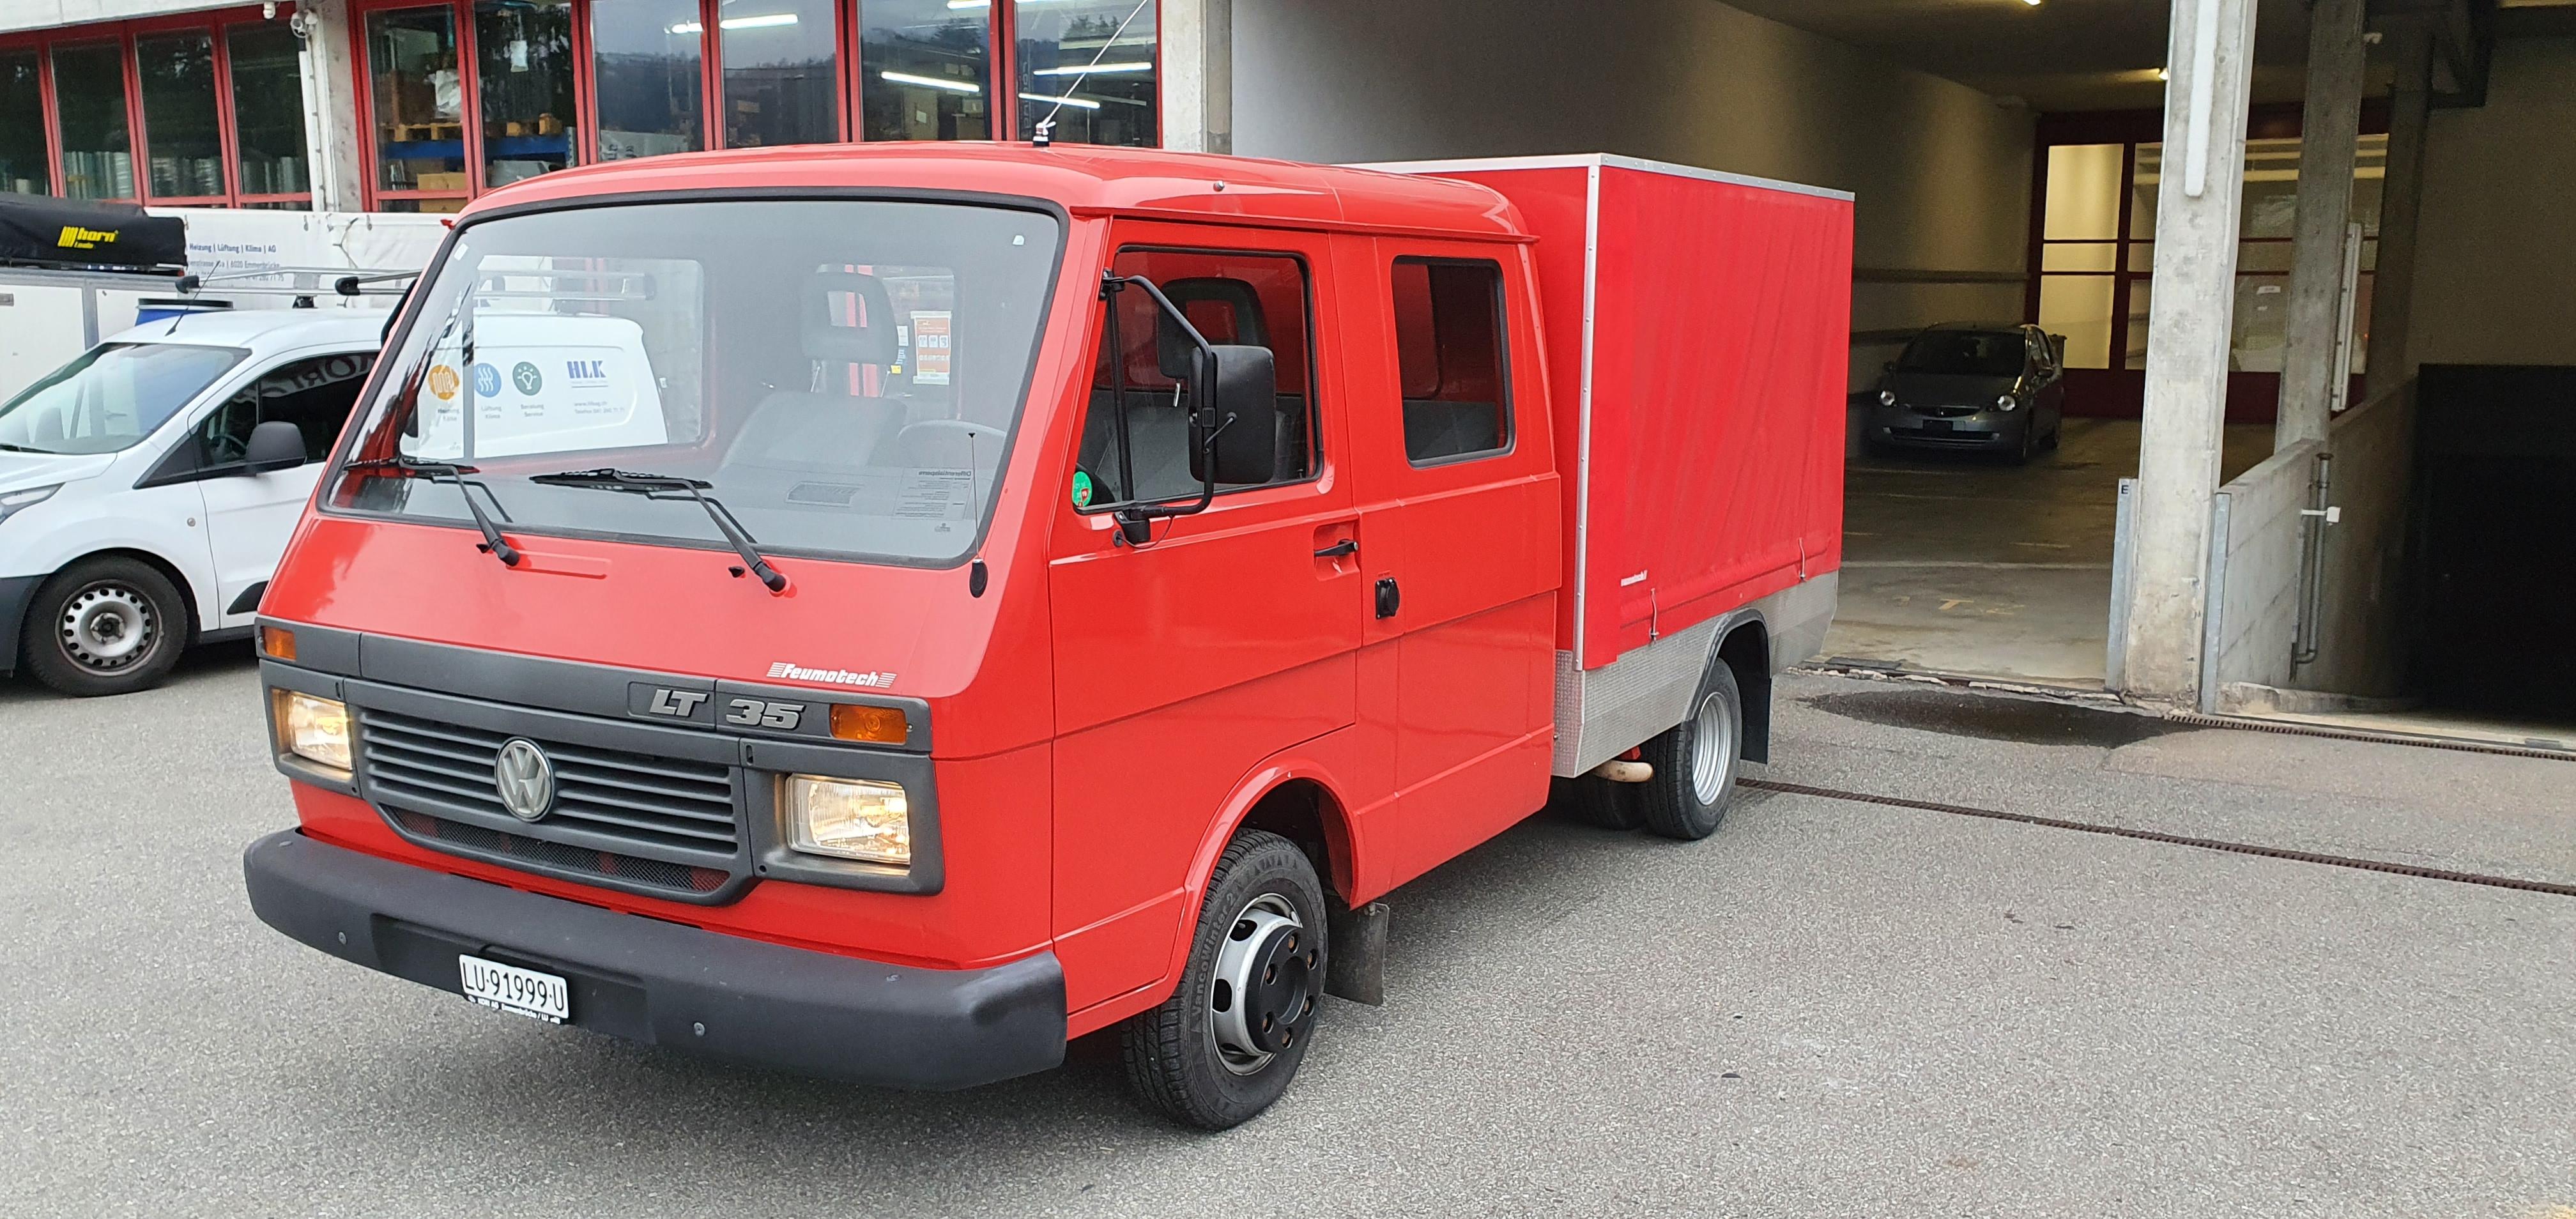 pickup VW LT 35 Kab.-Ch. 2950 2.4 Benzin, frisch ab MFK